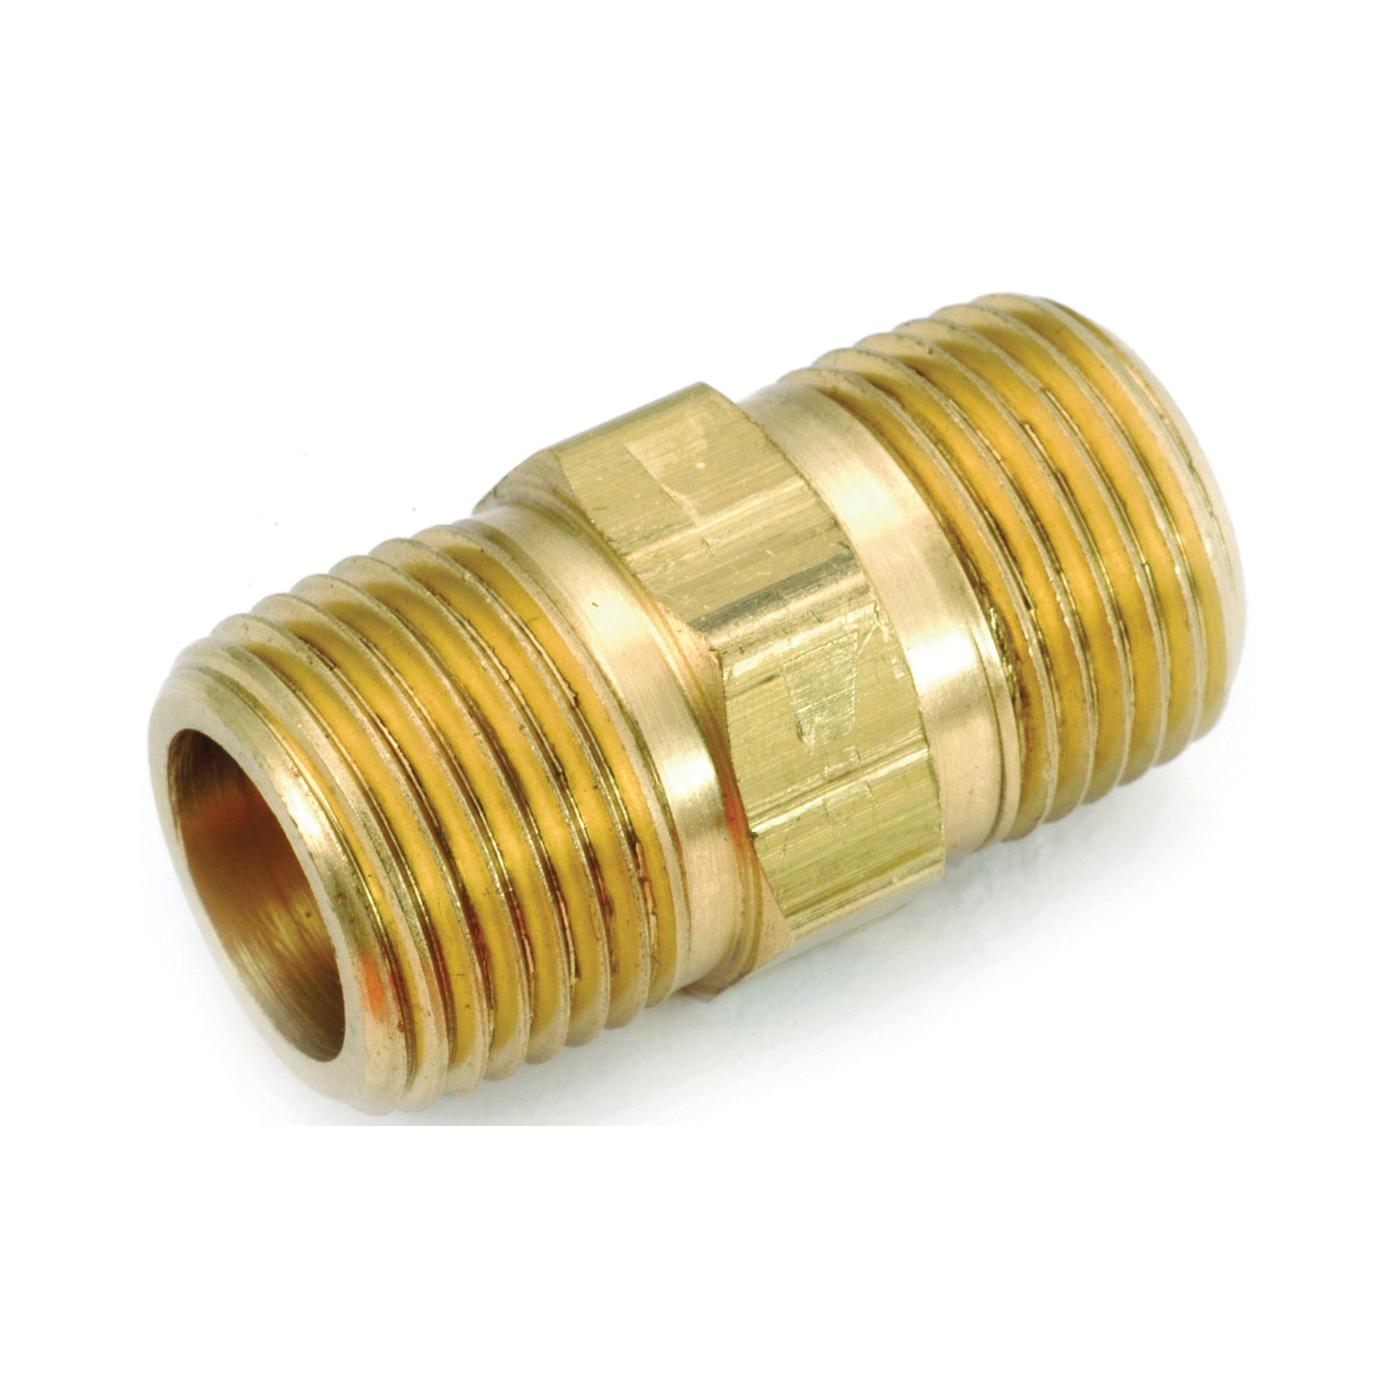 Anderson Metals 756122-08